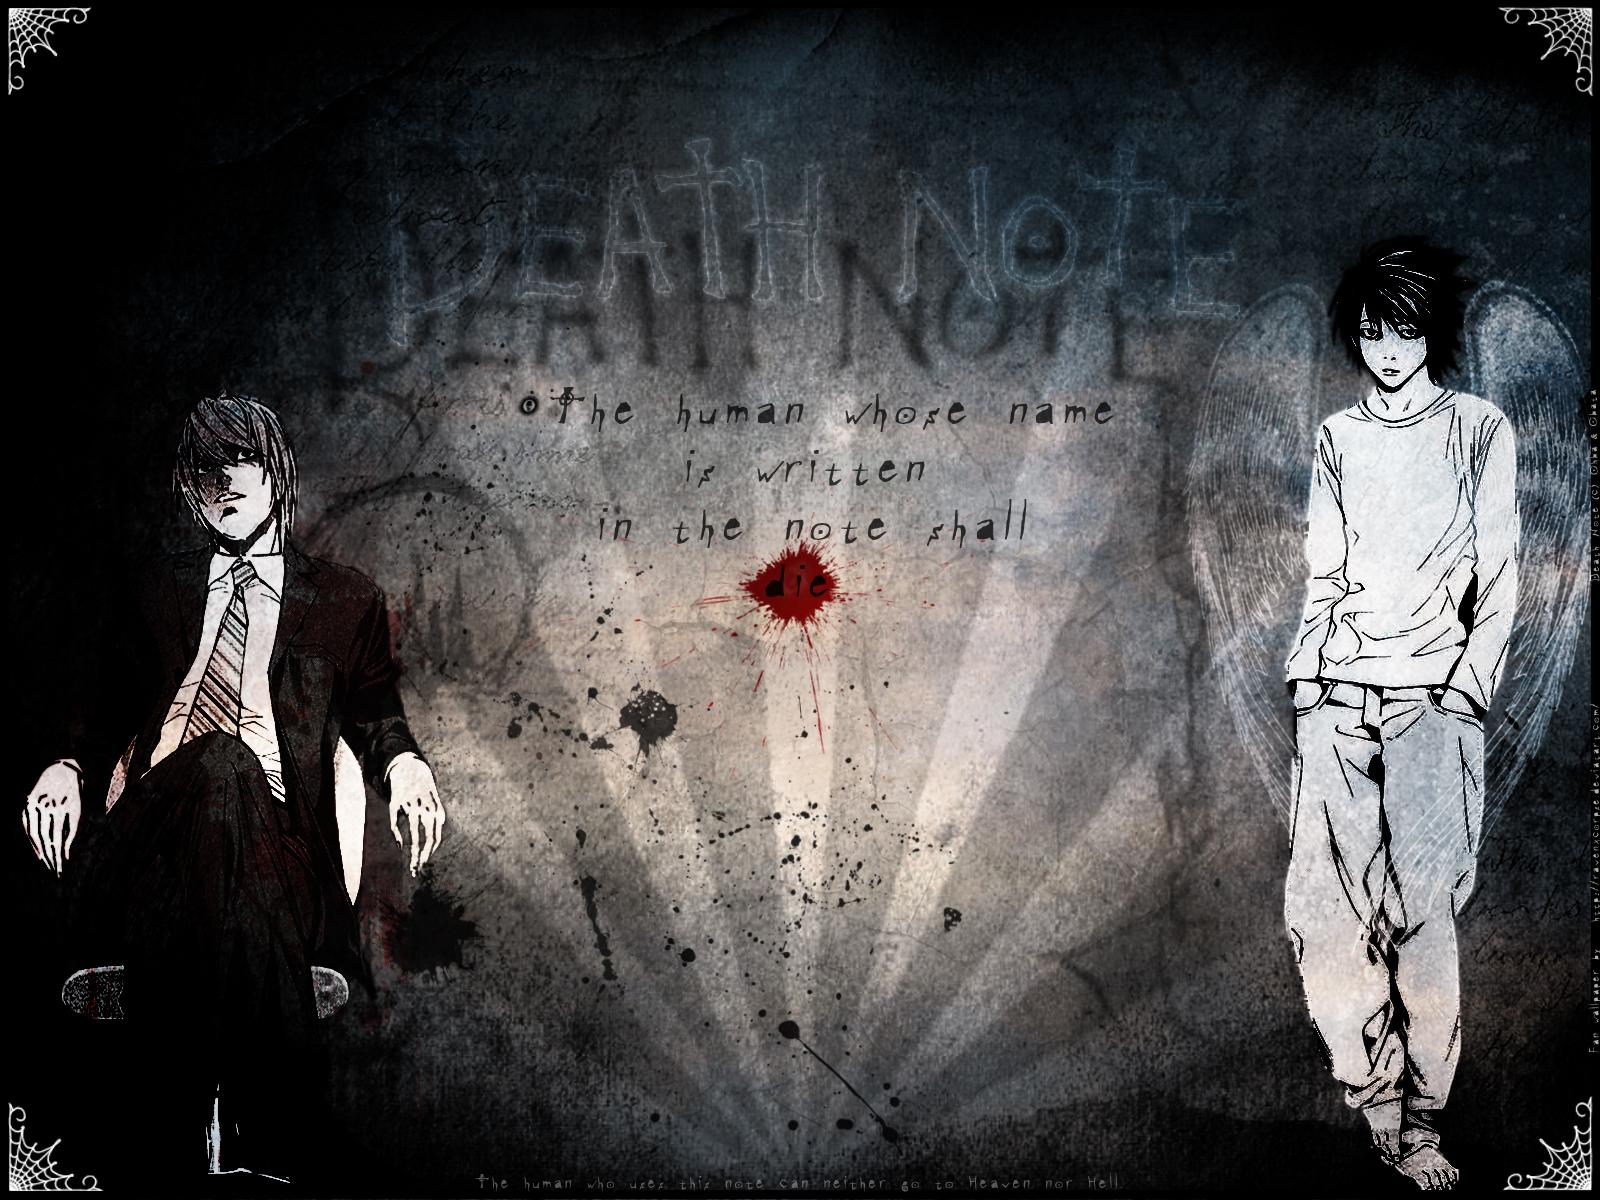 http://4.bp.blogspot.com/_Yi2CuKJrOik/TS35Oz3sYVI/AAAAAAAAANE/nPE_sS6tlzE/s1600/death_note_wallpaper.jpg